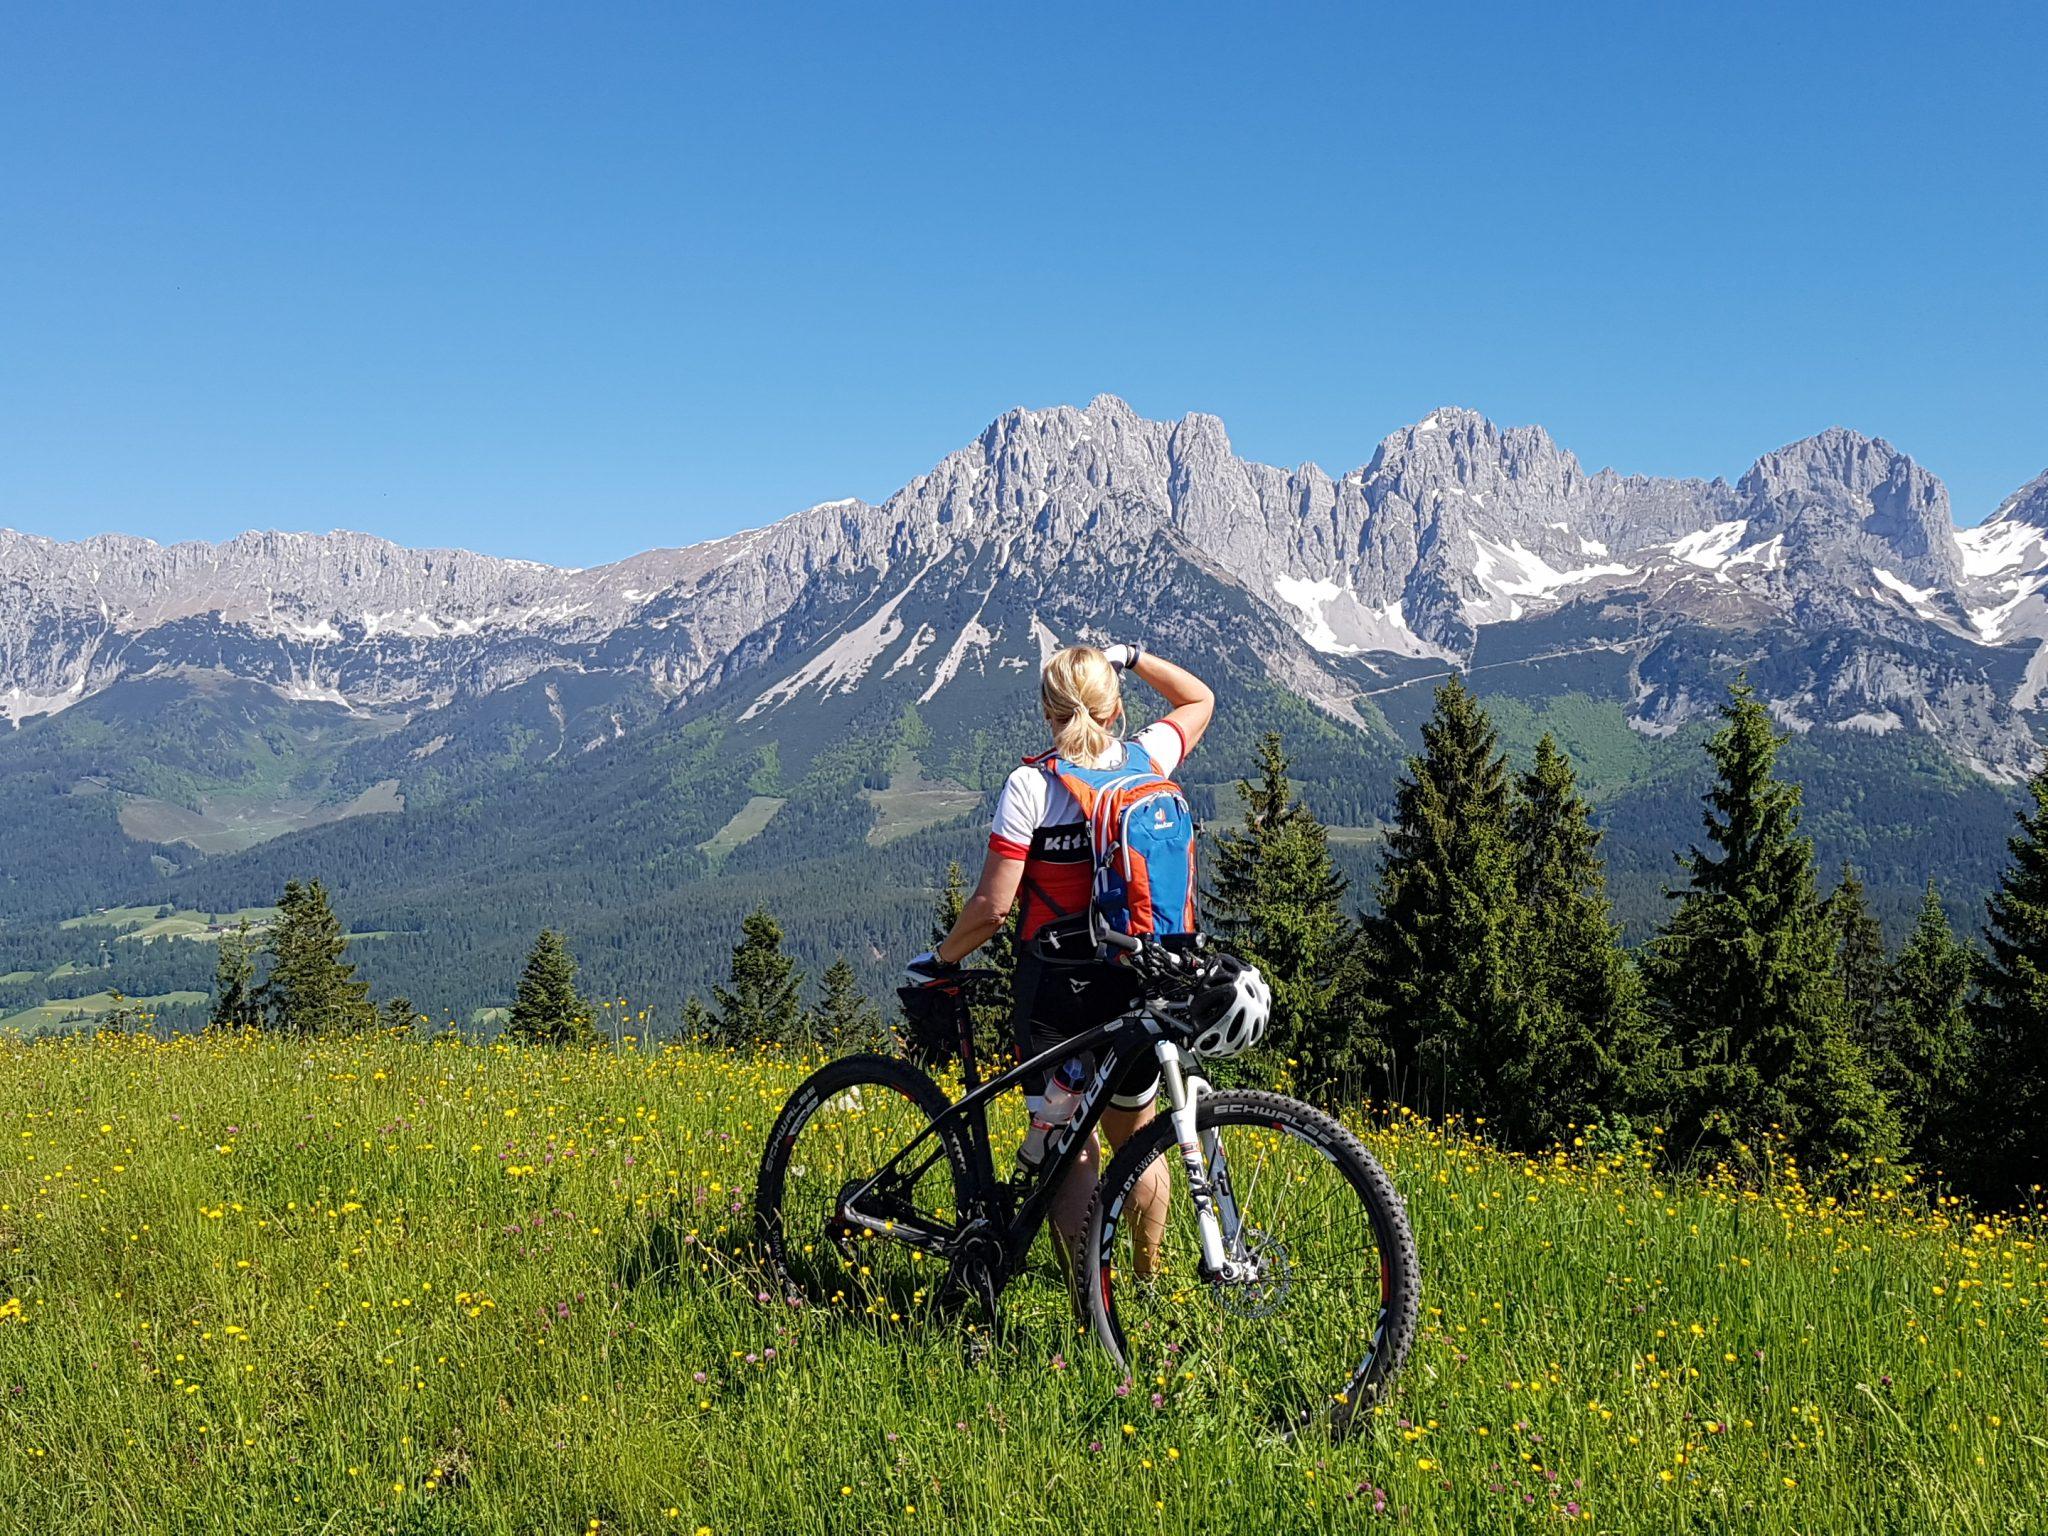 Die Region Wilder Kaiser ist ein Dorado für Radfahrer - mit einem sehr gut erschlossenem Radwegenetz, E-Bike-Verleih und -Ladestationen sowie sensationeller Kulisse. Foto: Bauroth